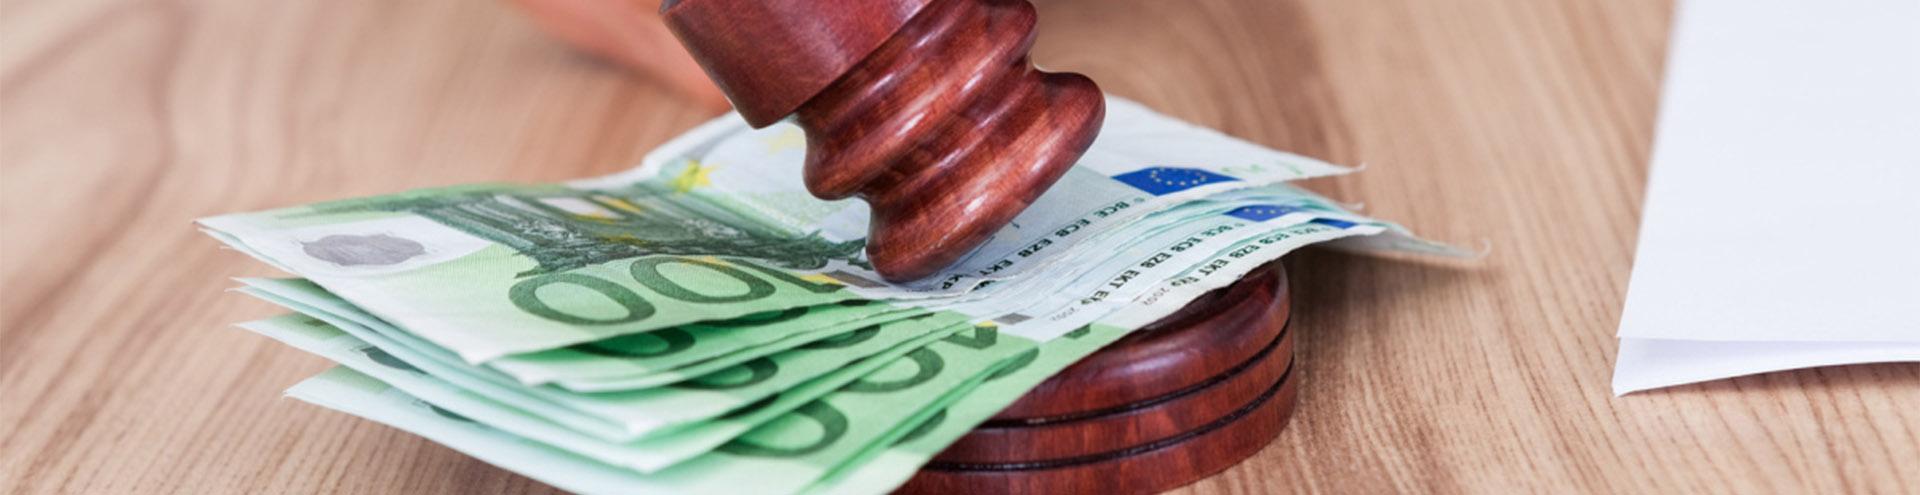 судебные расходы в Липецке